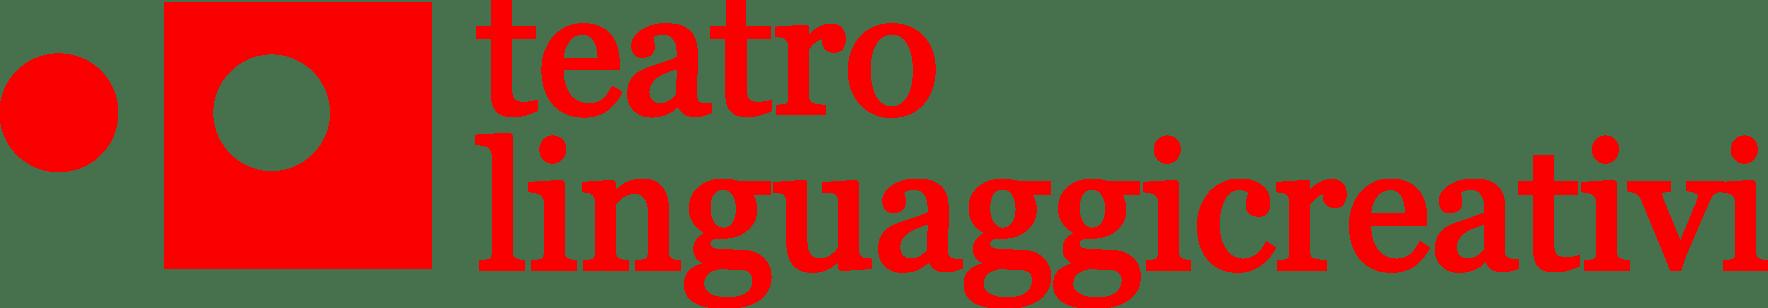 Linguaggi Creativi